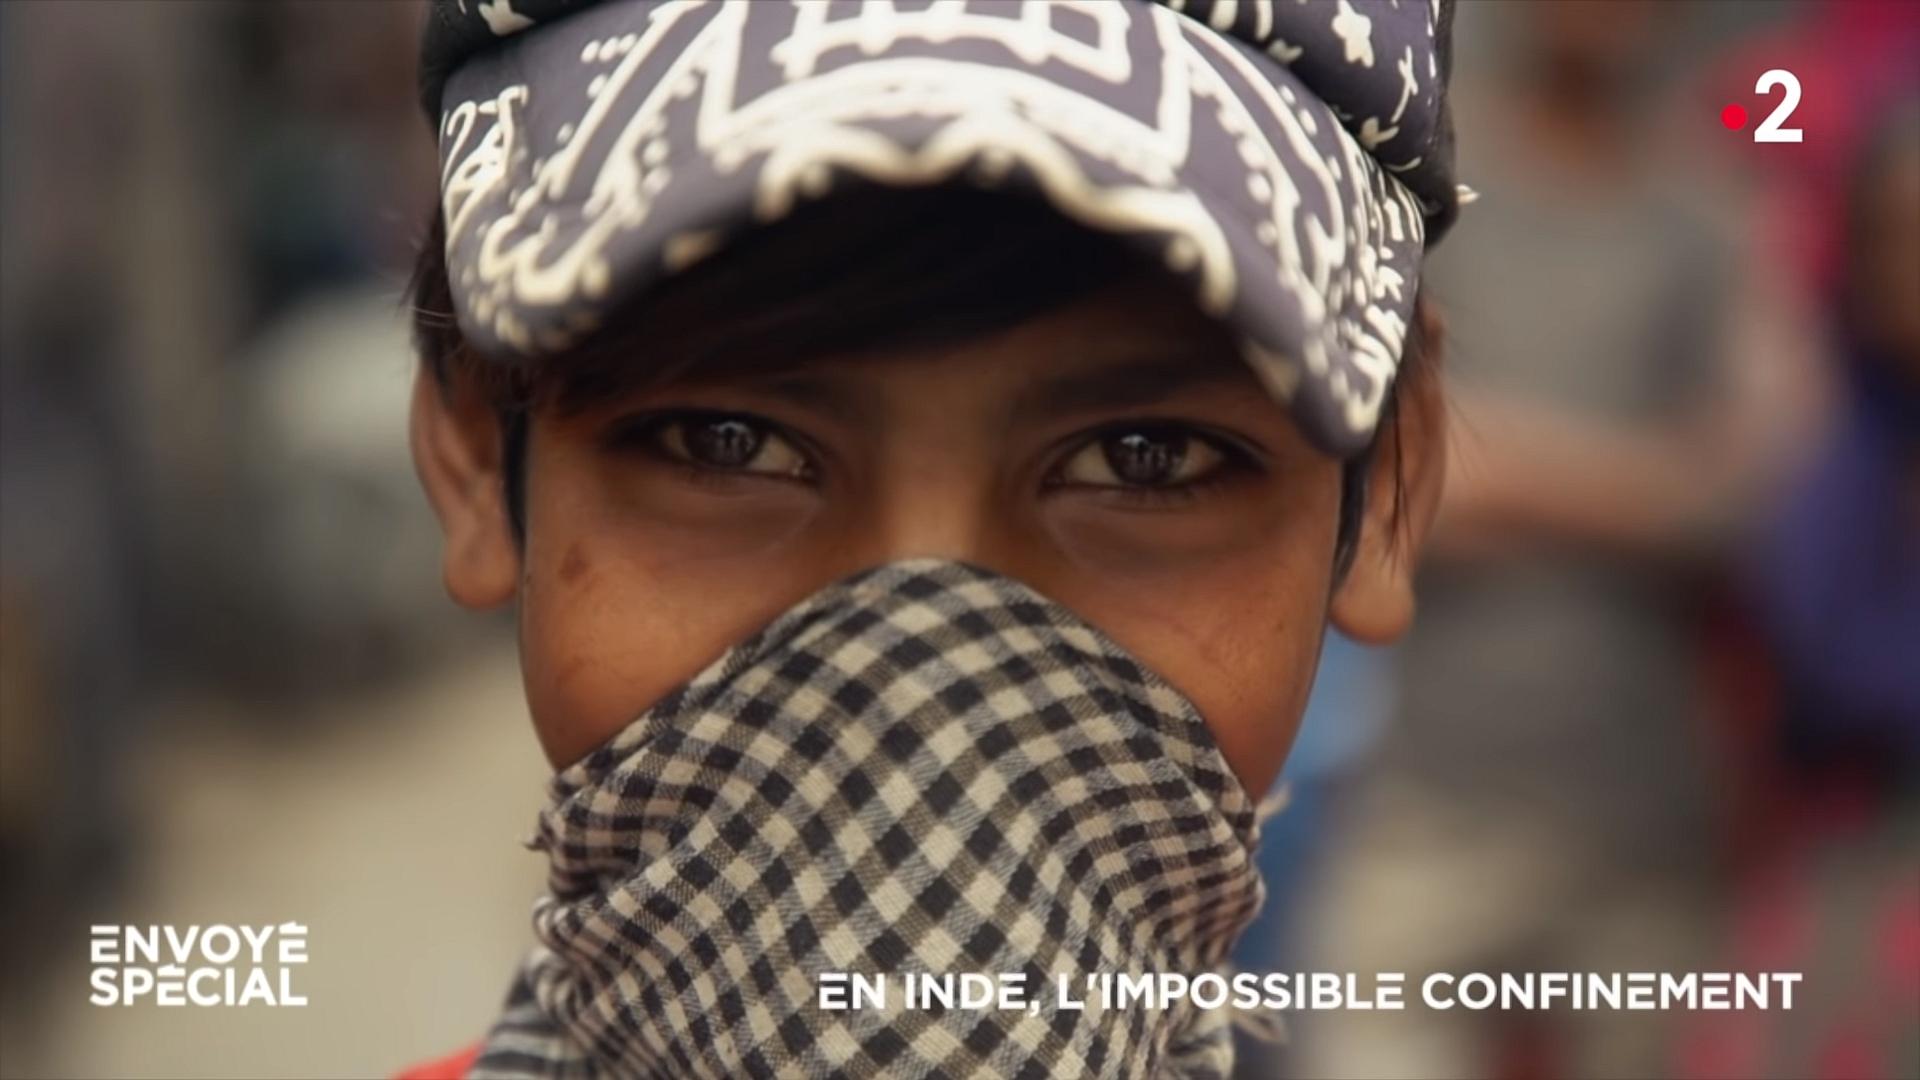 200419 - En Inde l'impossible confinement Envoyé spécial - La Déviation